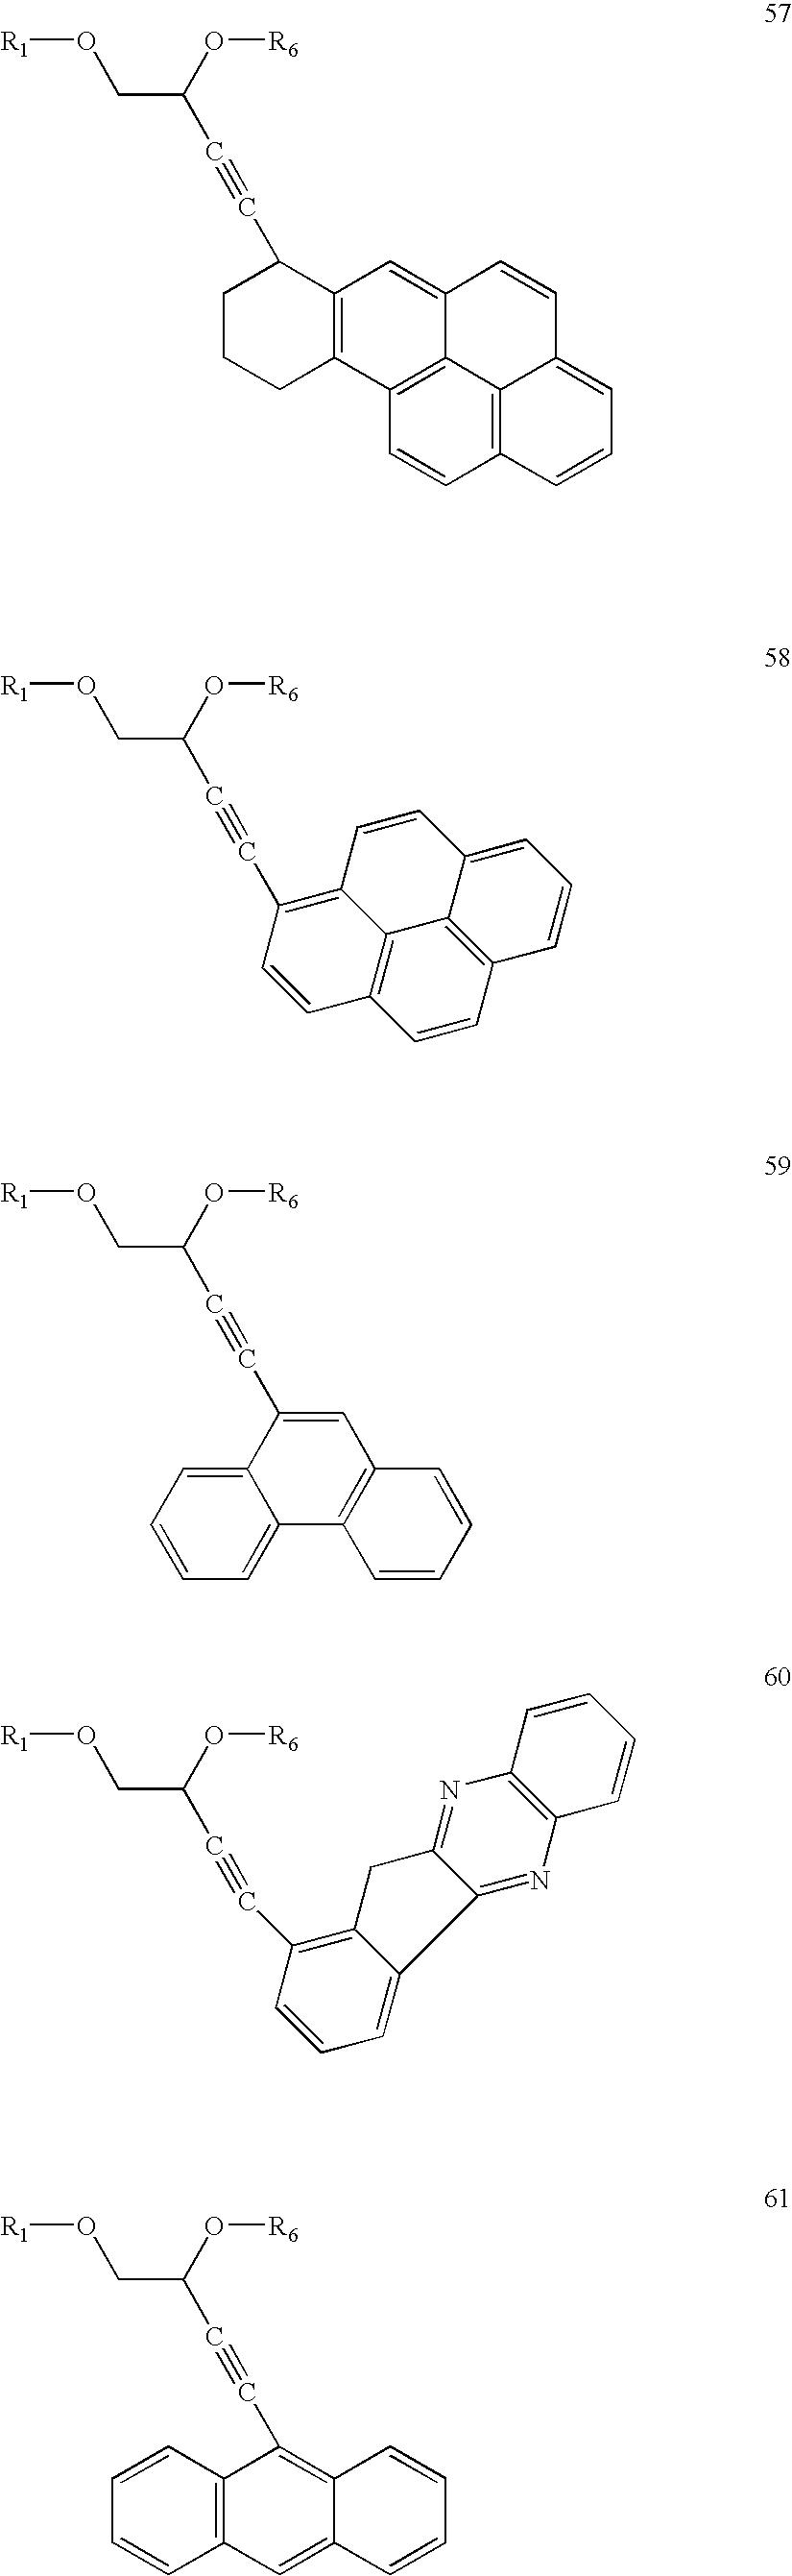 Figure US20060014144A1-20060119-C00099